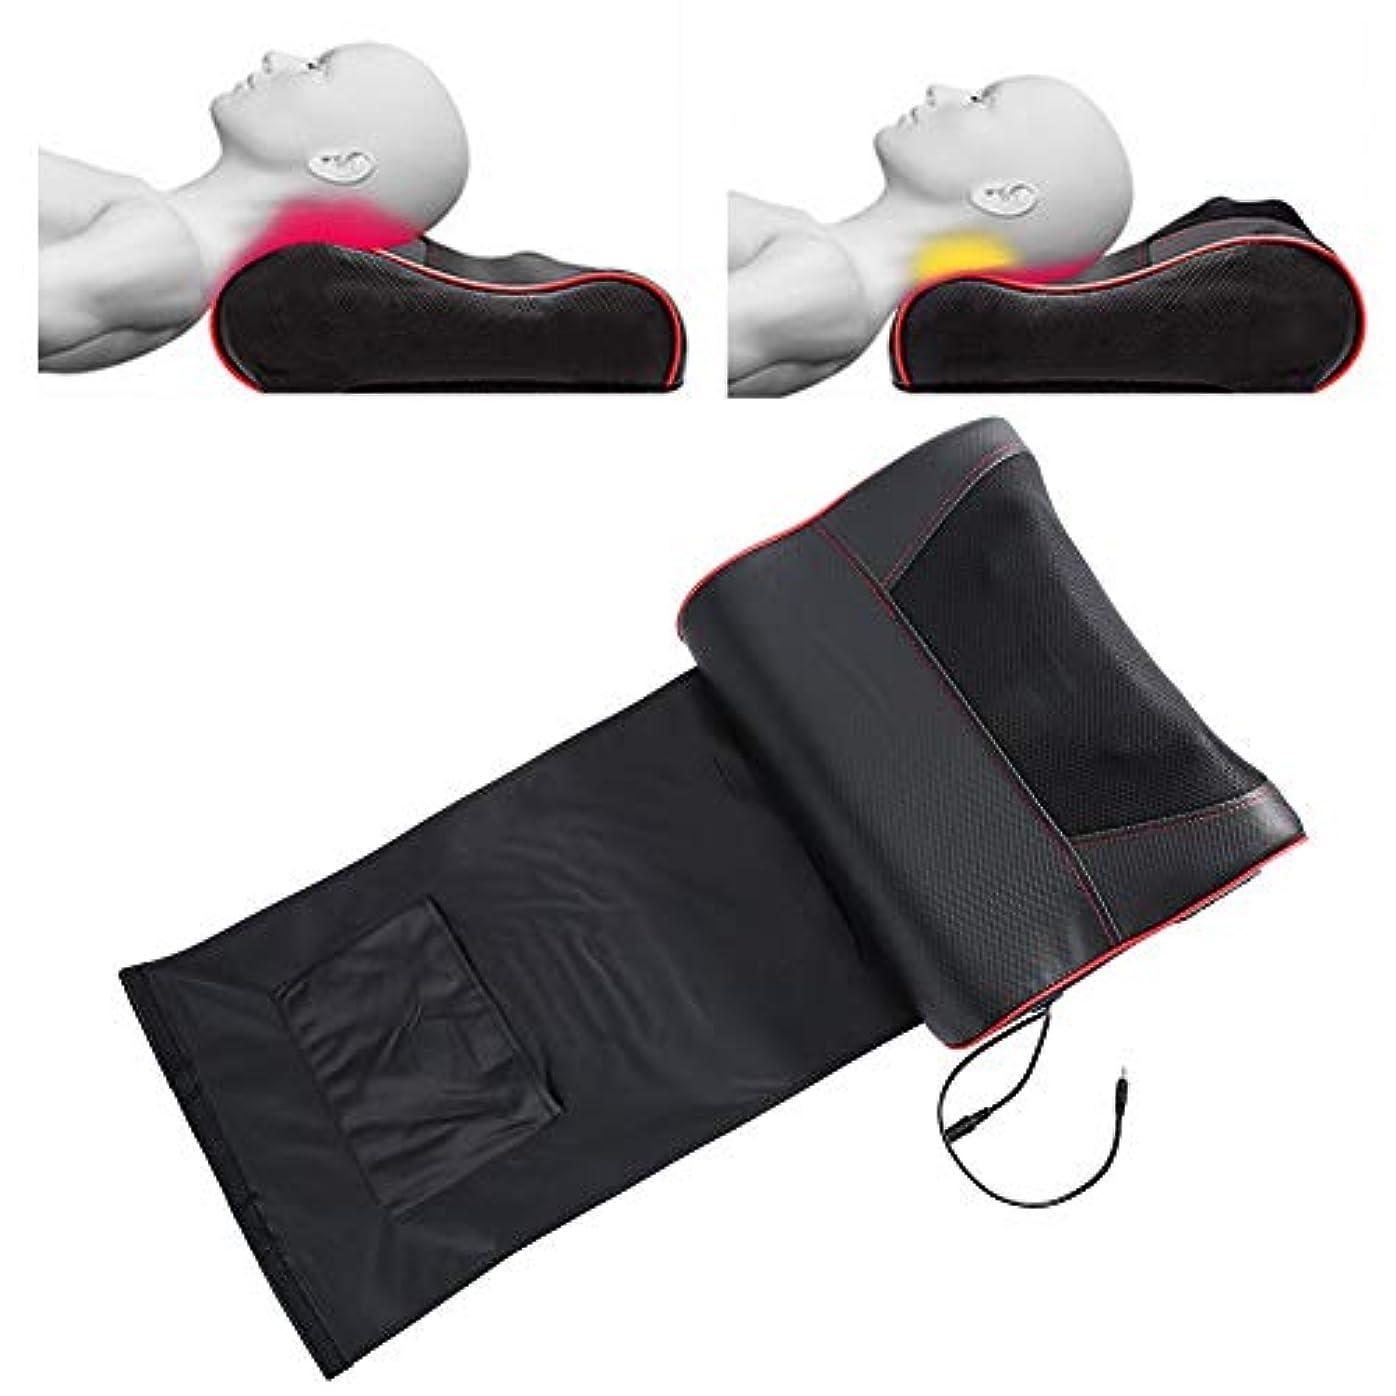 ほぼあざ成功頸部マッサージ枕、多機能マッサージ枕、灸ホットコンプレックスネックウエストショルダーマッサージ用全身筋肉痛(US-Plug)